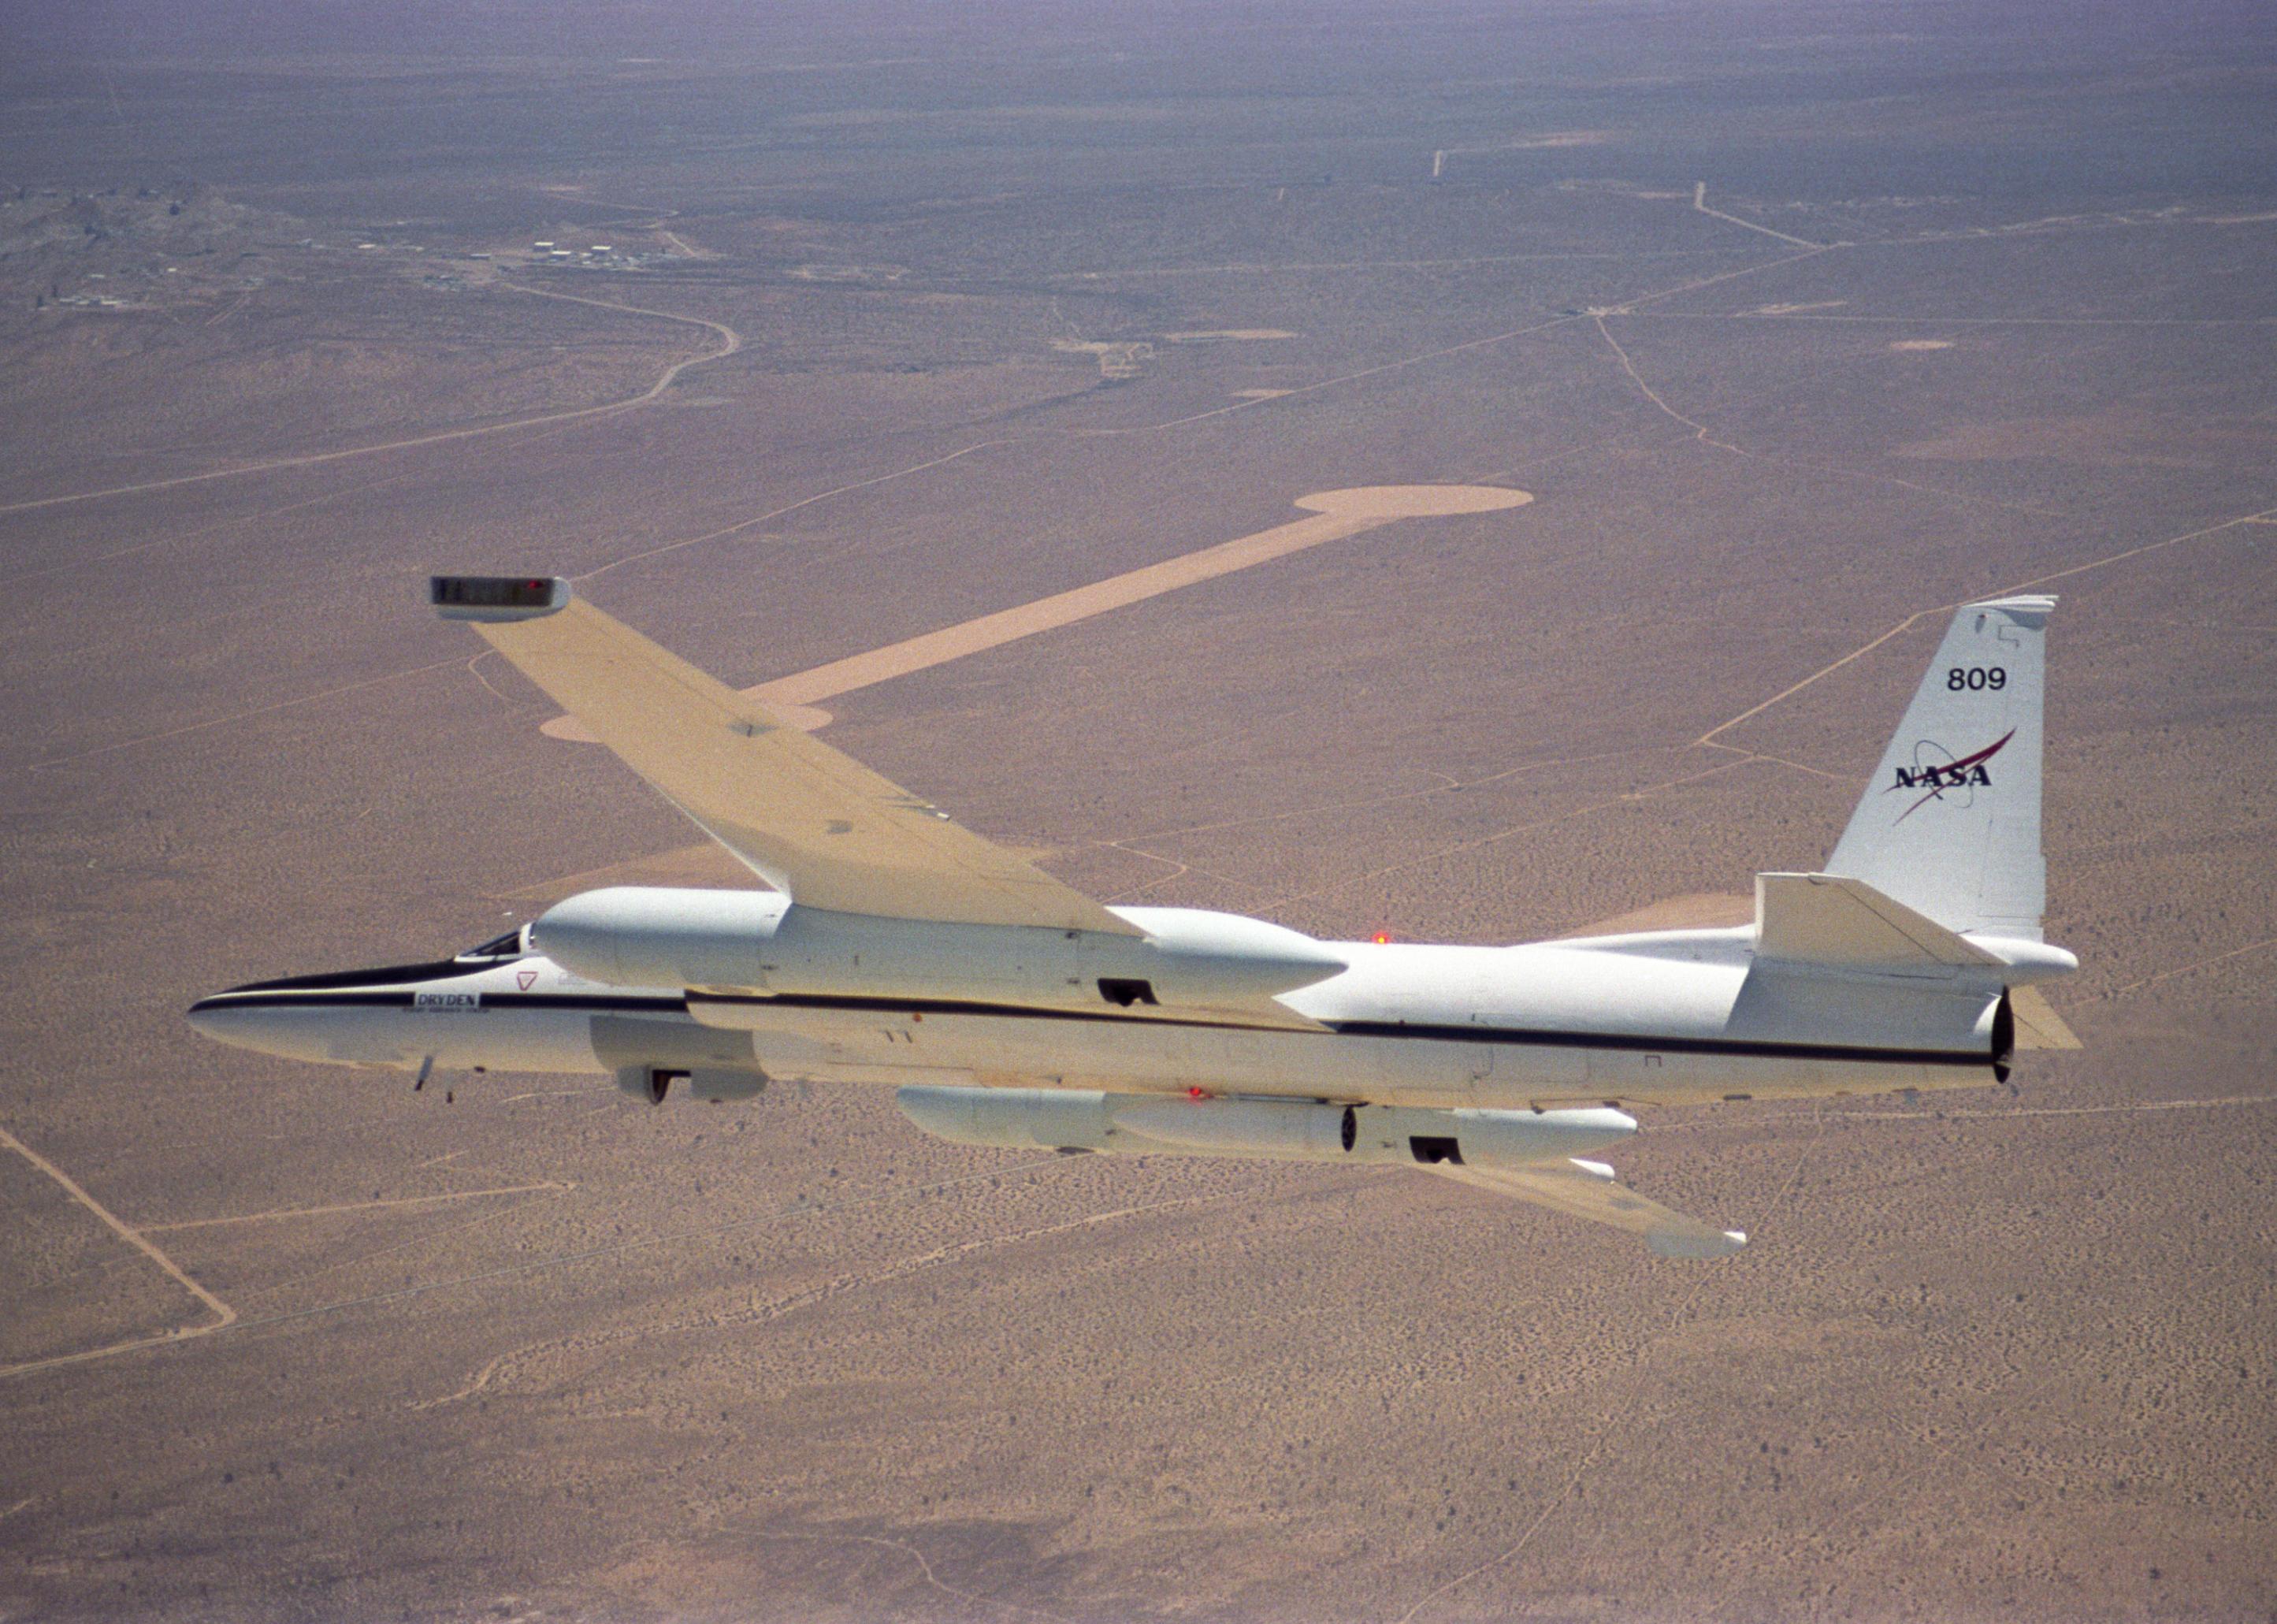 nasa aircraft inventory - HD2890×2061